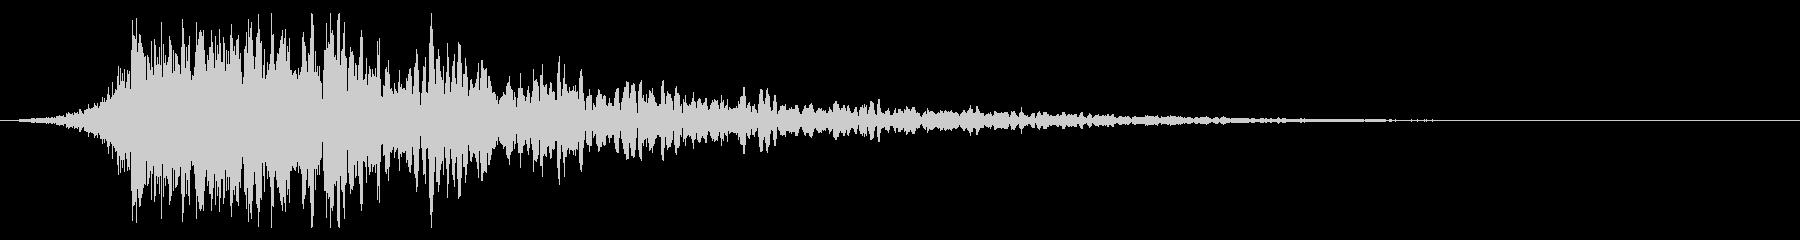 シュードーン-45-1(インパクト音)の未再生の波形